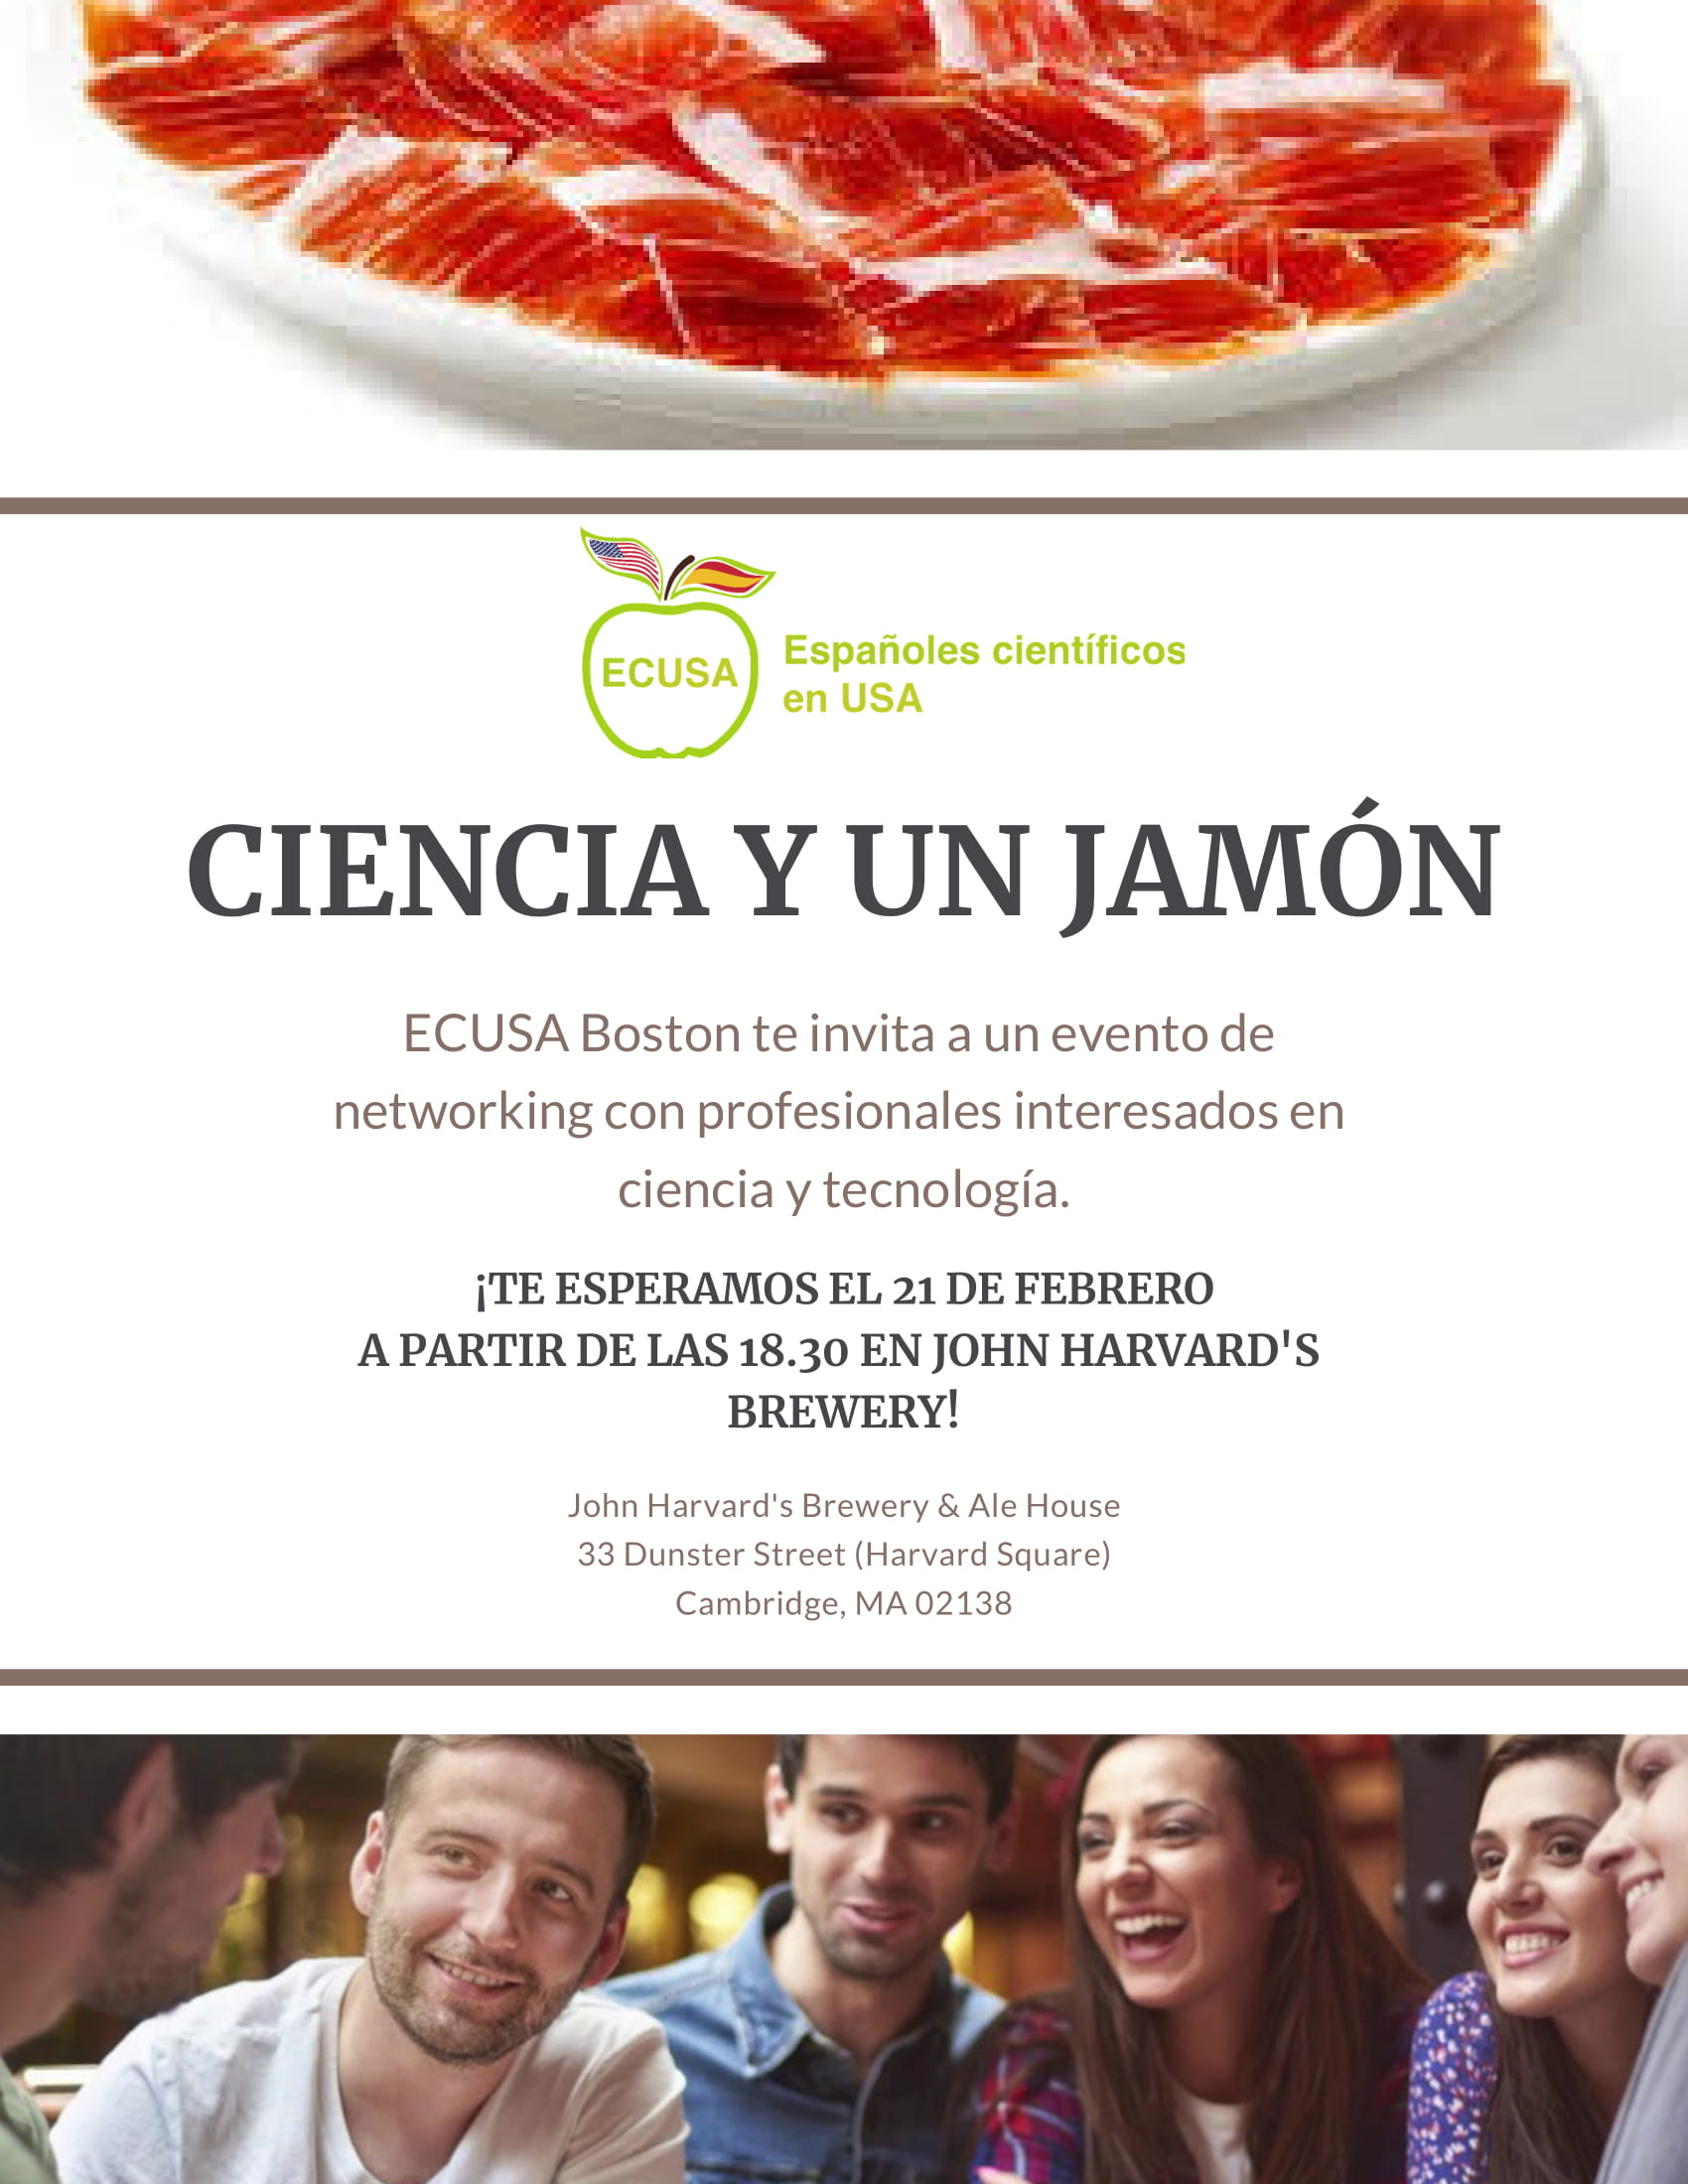 Ciencia_y_un_jamon flyer 3-1.jpg